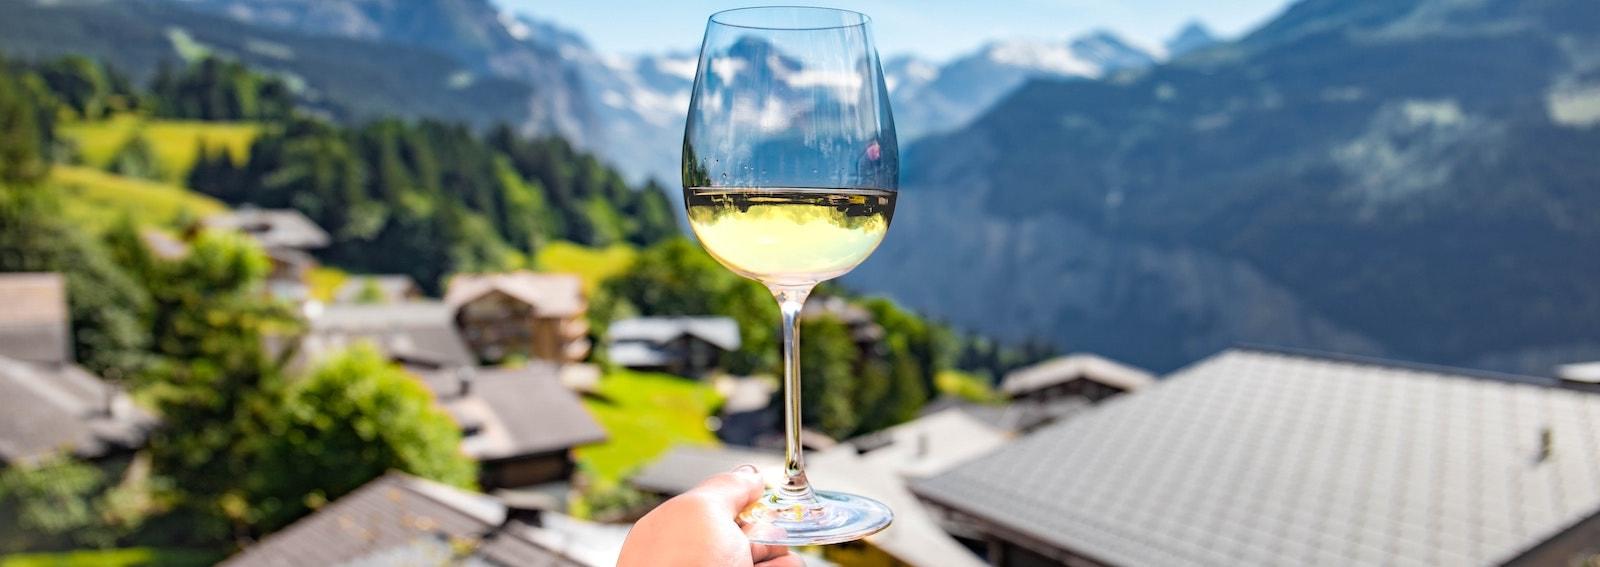 bicchiere vino